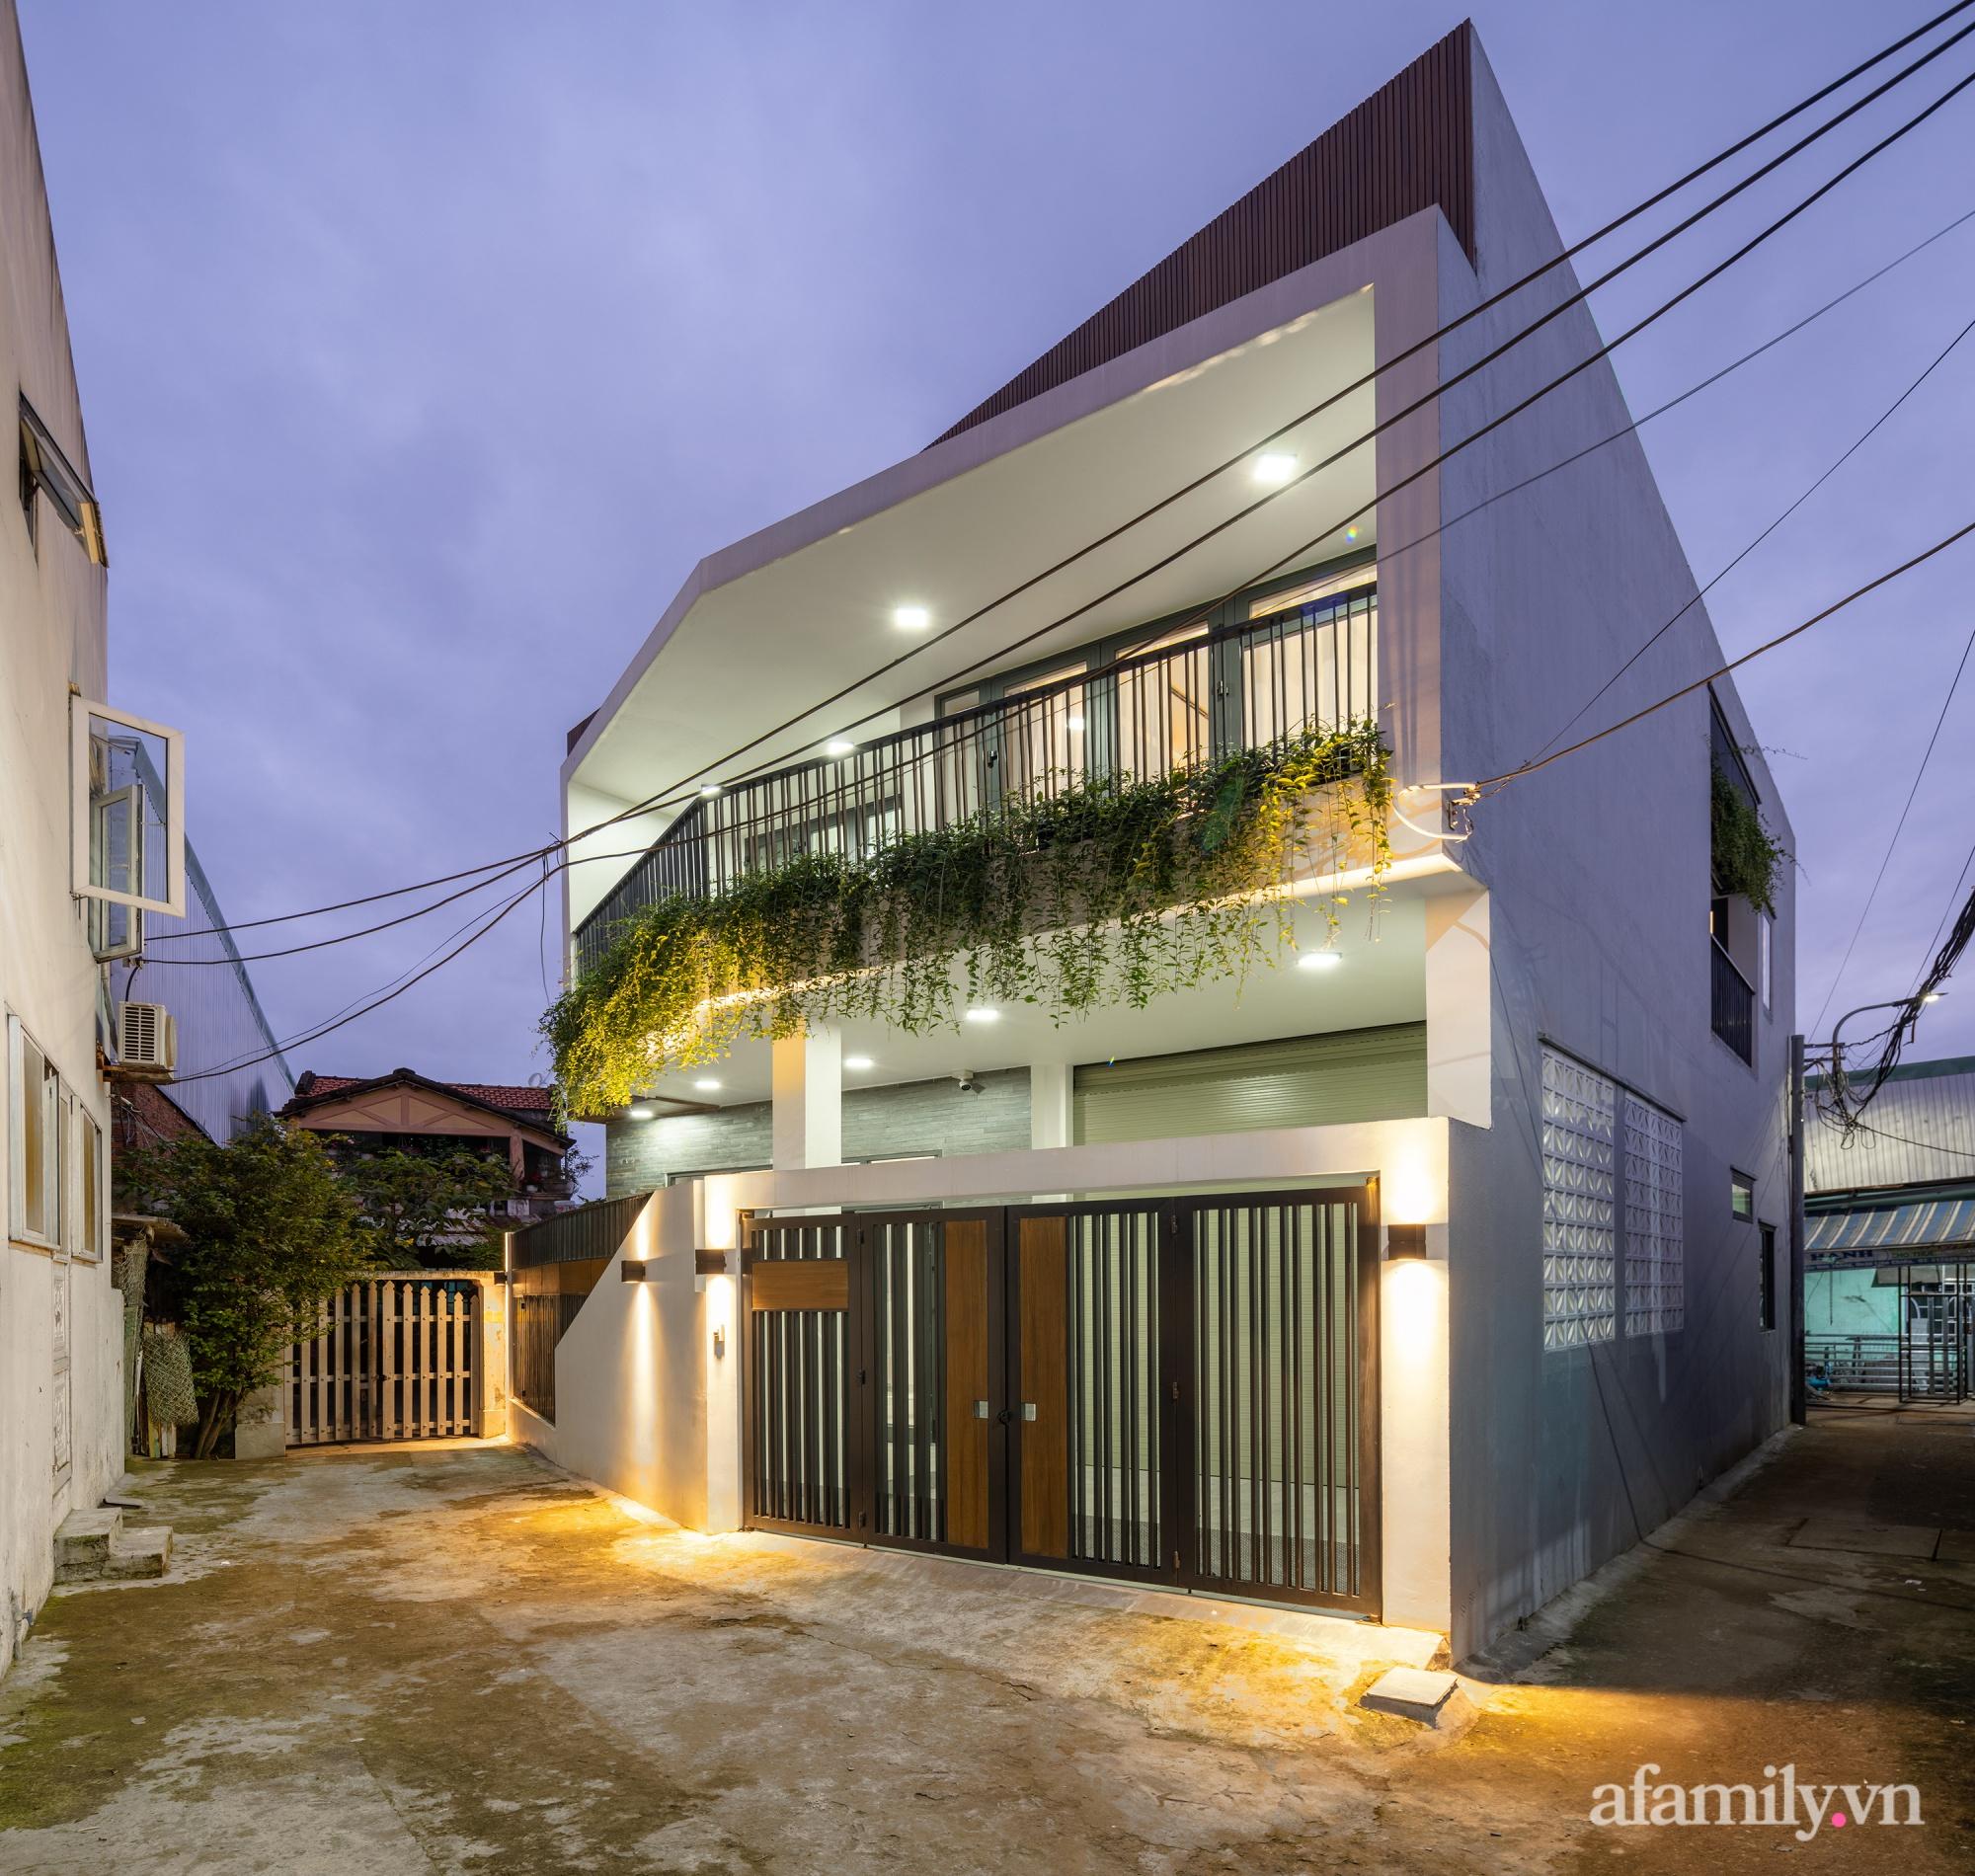 Nhà trong hẻm nhỏ vẫn ngập tràn ánh sáng, duyên dáng với nội thất tối giản ở Đà Nẵng - Ảnh 1.